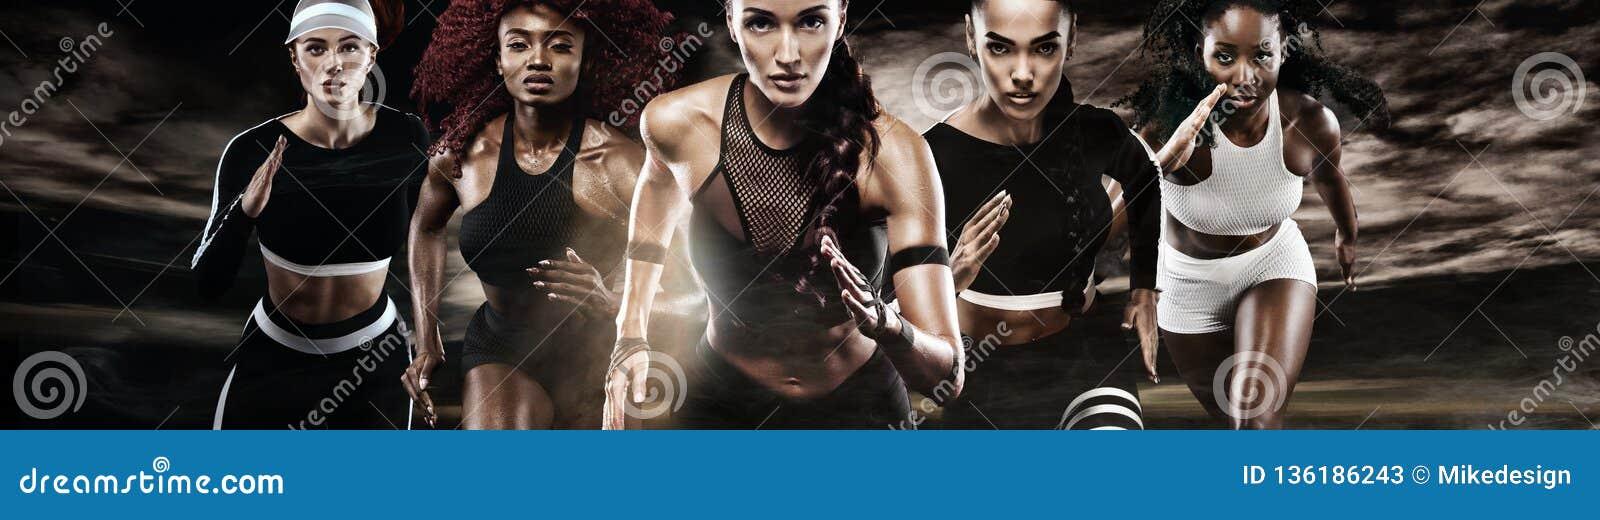 Grupo de cinco mujeres atléticas fuertes, de esprinteres, de funcionamiento en el fondo oscuro que lleva en la ropa de deportes,